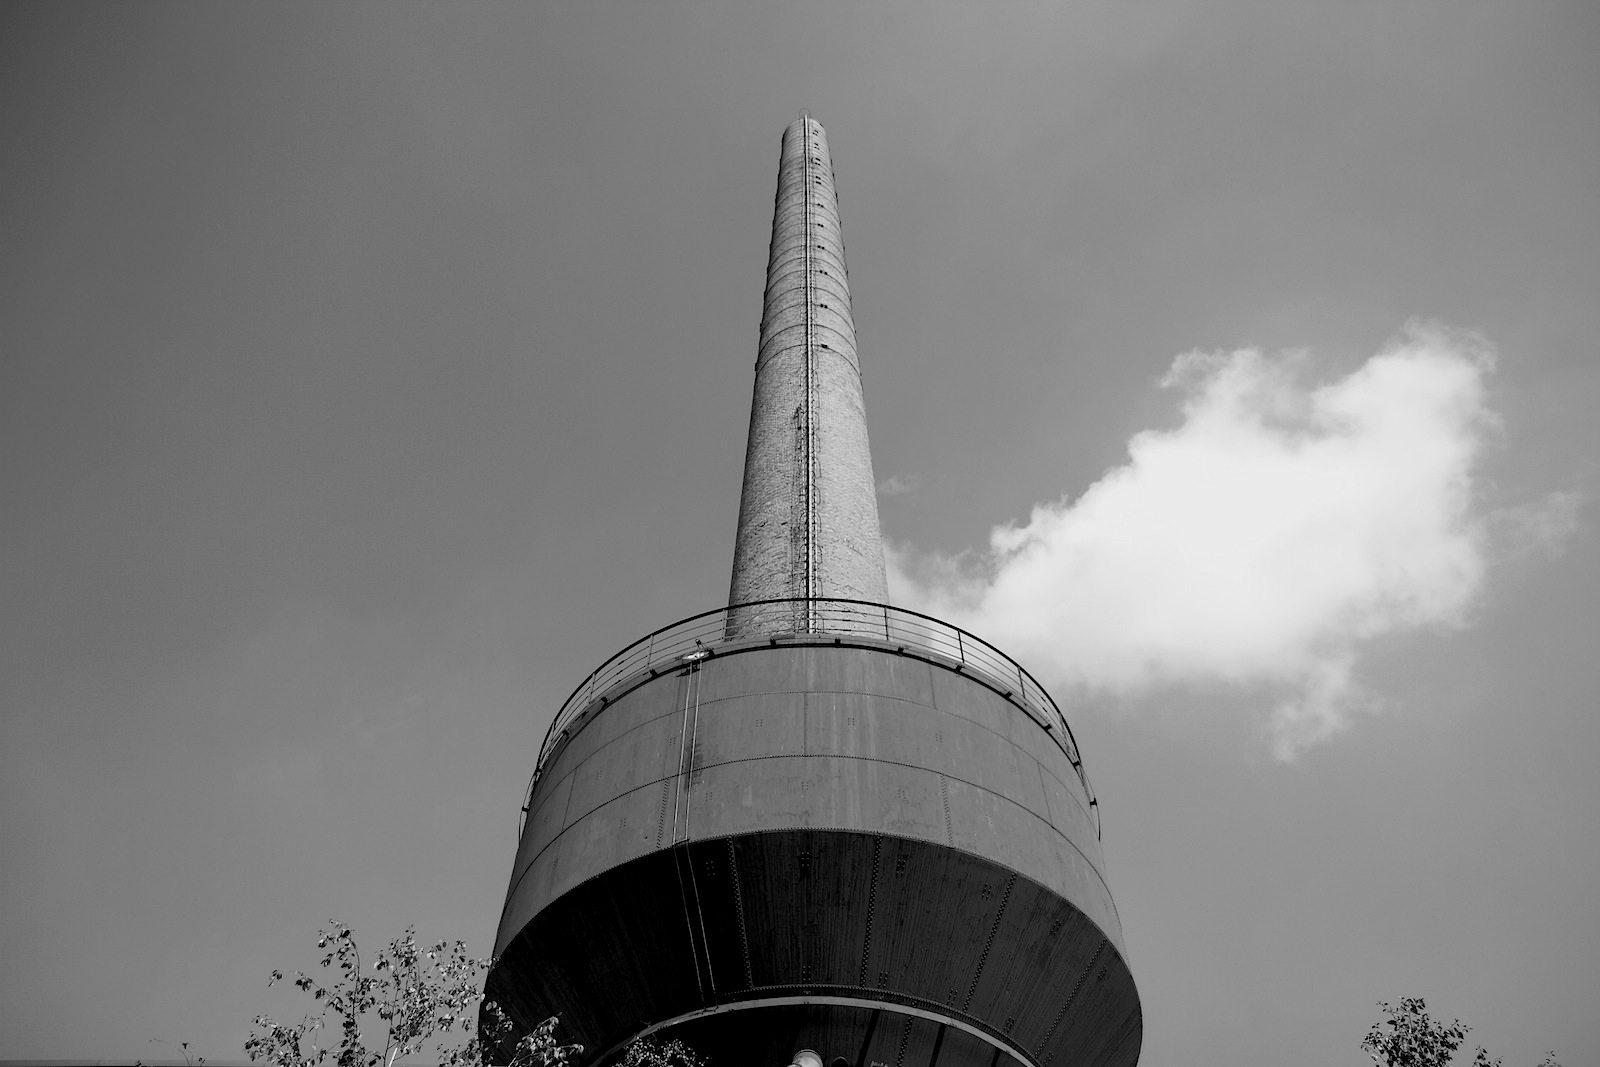 Mies van der Rohe Business Park. Der Schornstein des alten Kesselhauses mit über 70 Meter Höhe